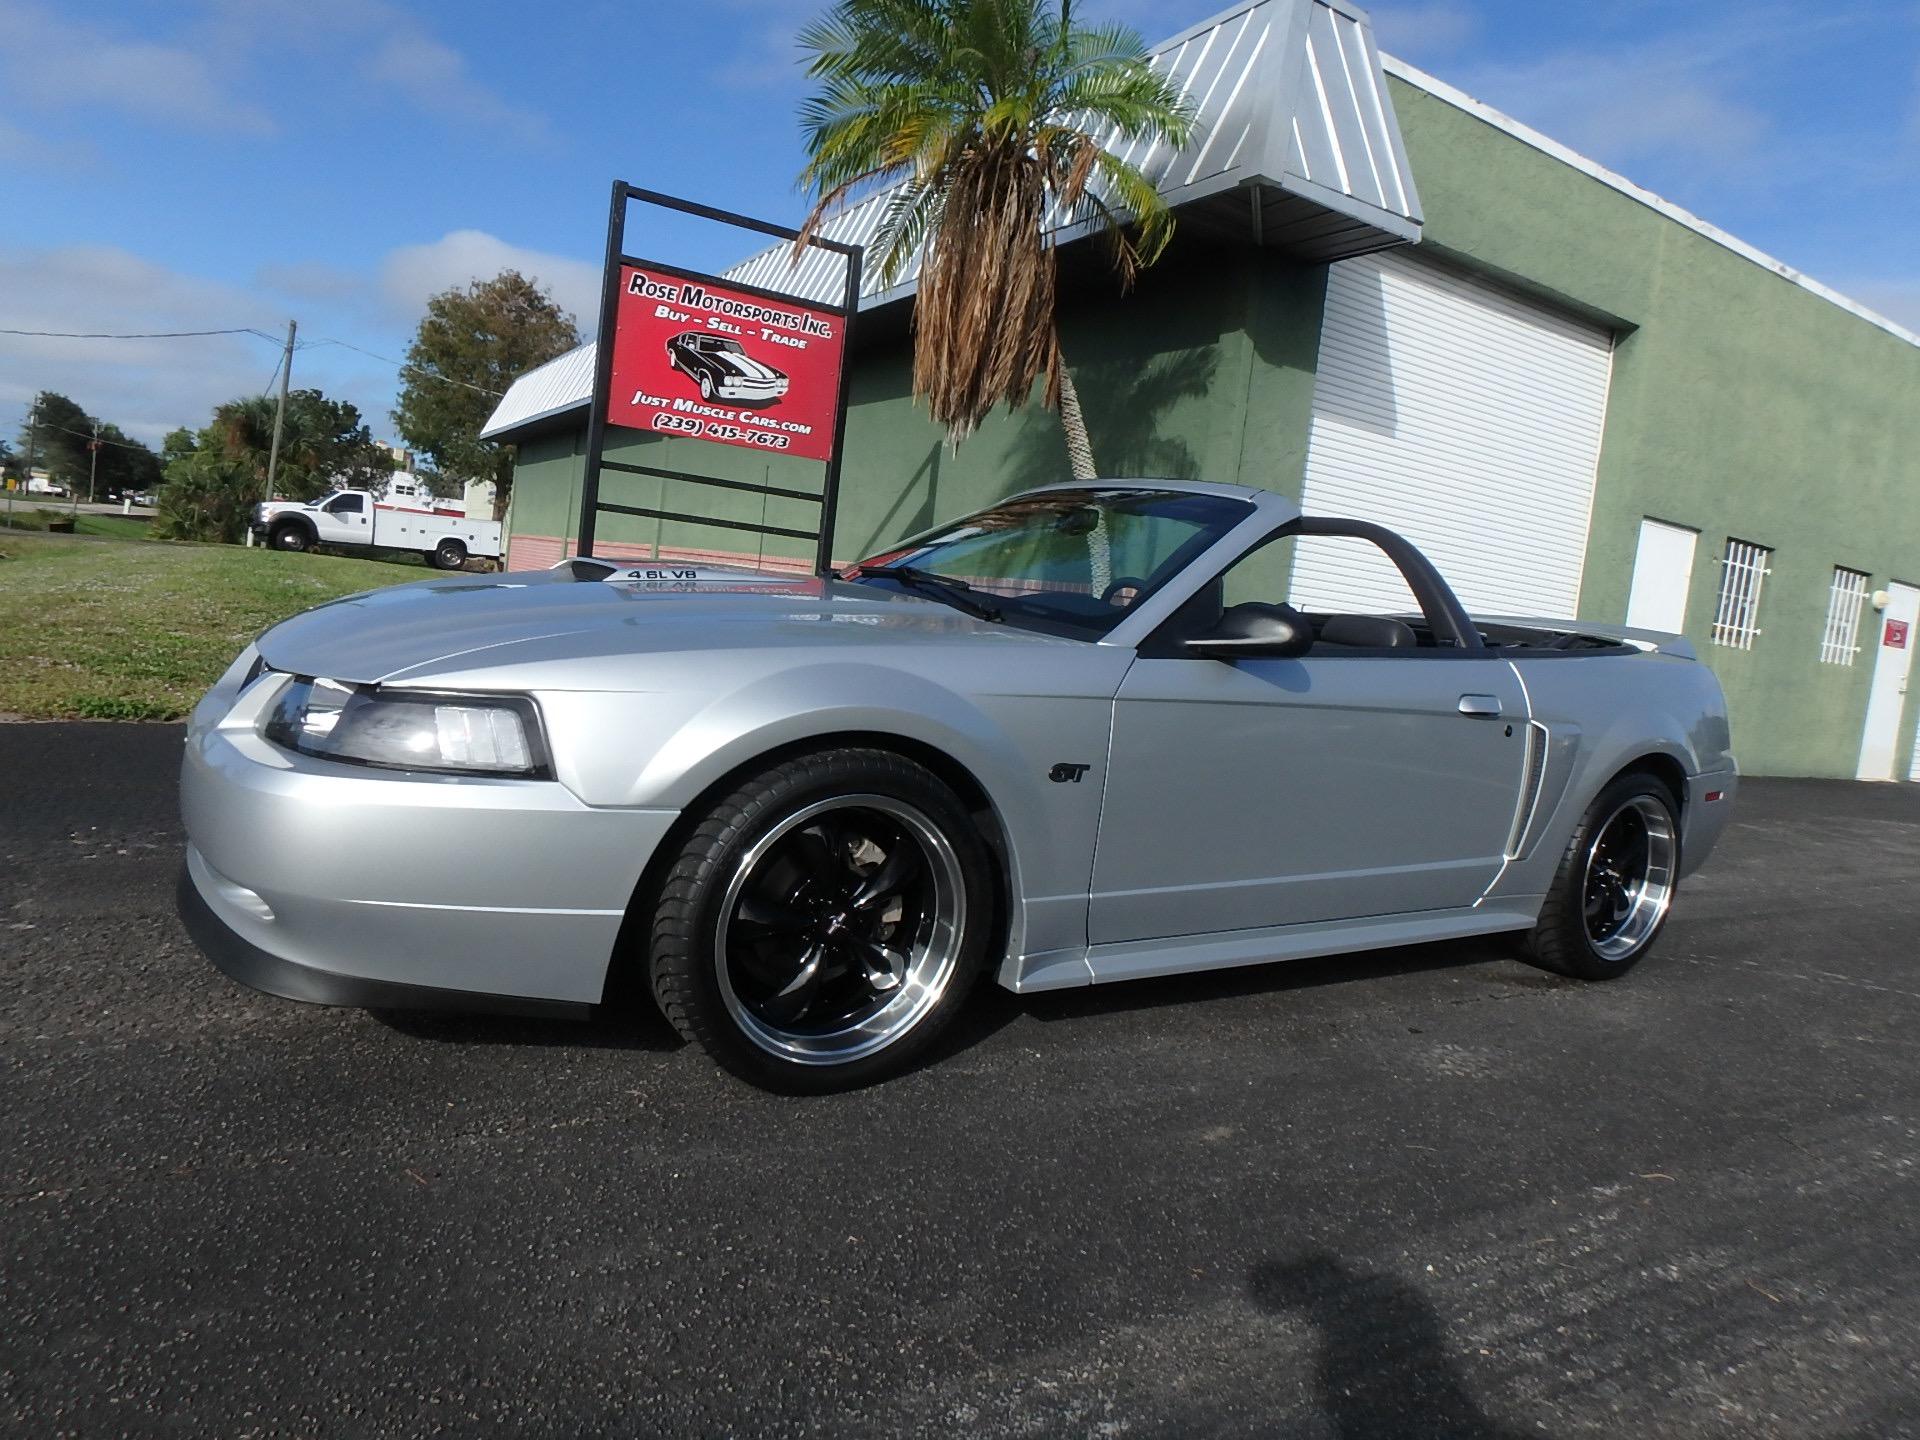 Download 2000 Mustang Gt Headlights